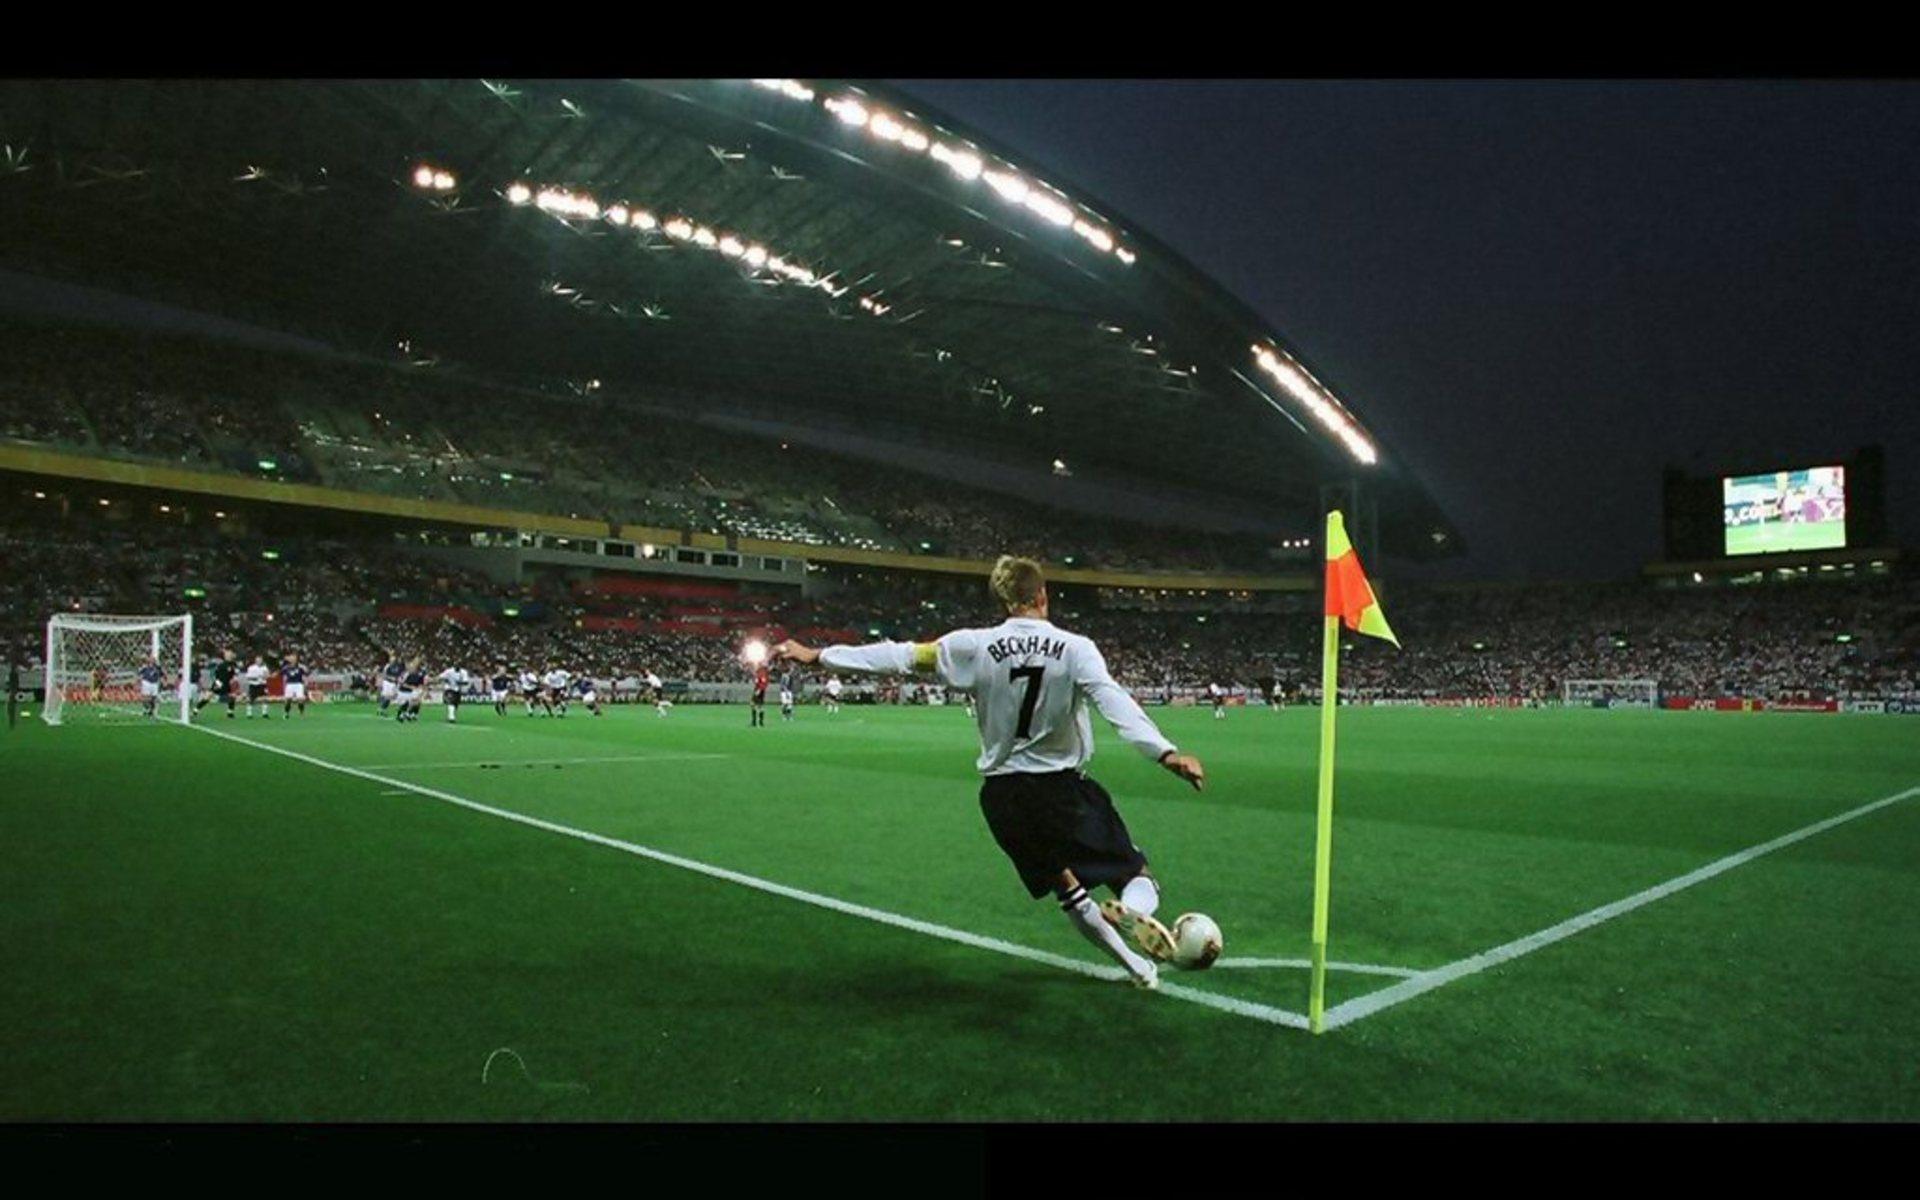 HD Sports 4k Pics